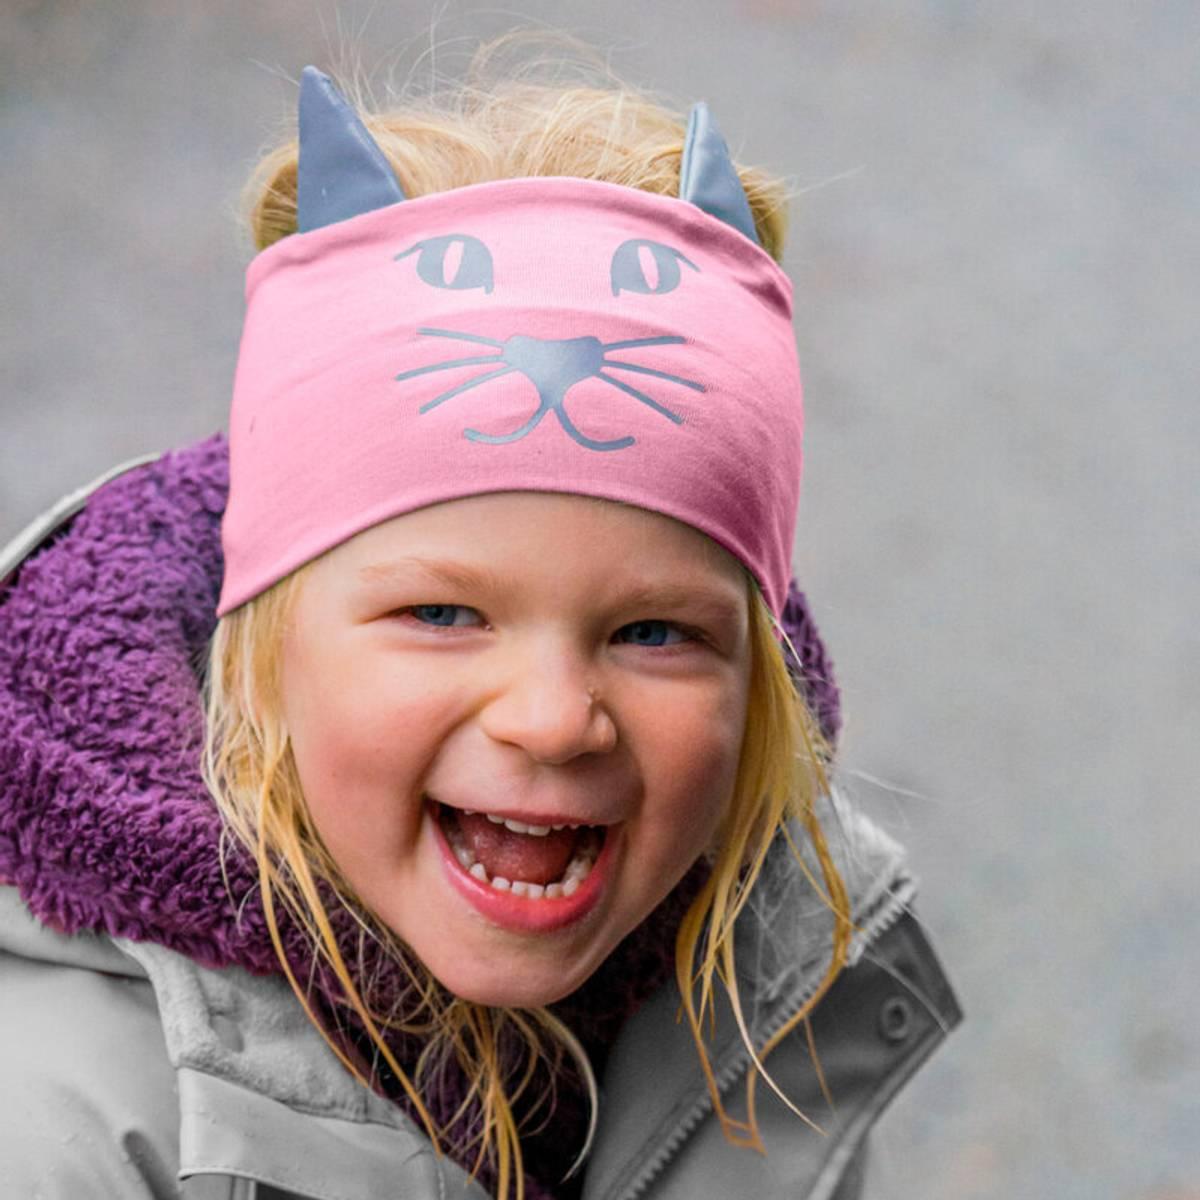 Morild Funkle pannebånd med refleks, pudderrosa kattepus